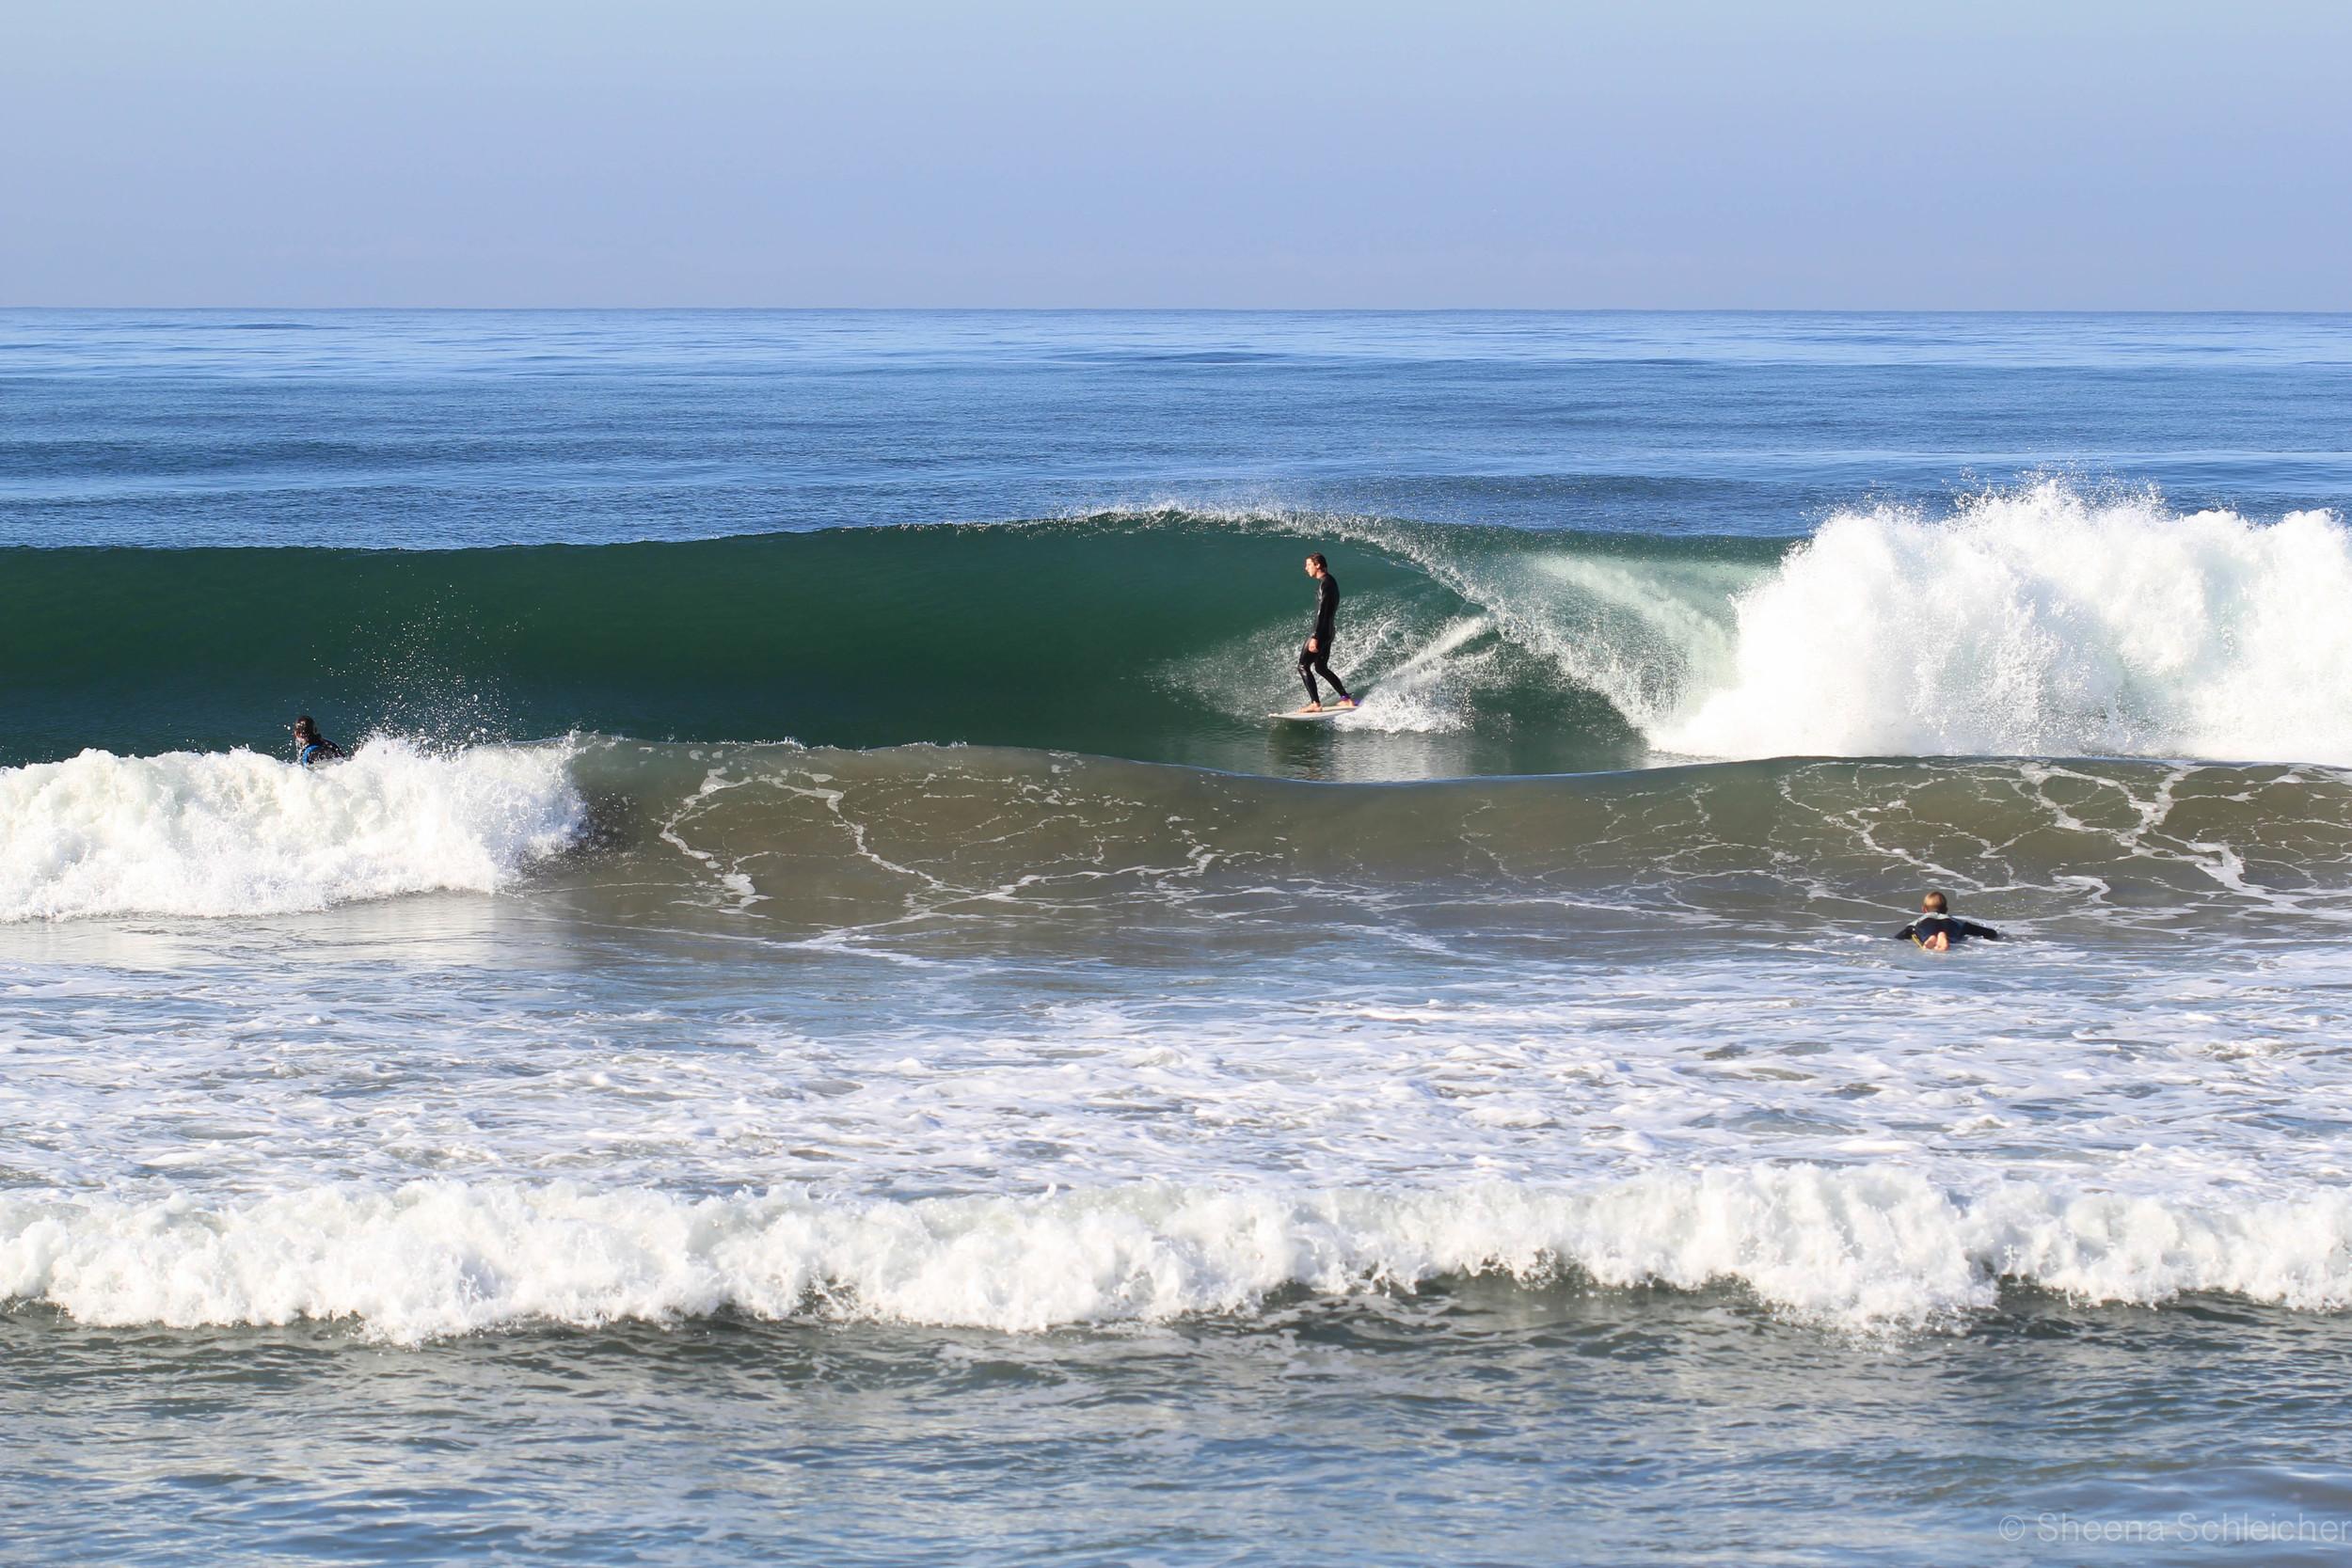 steven-scheicher-surfing-oceanside.jpg